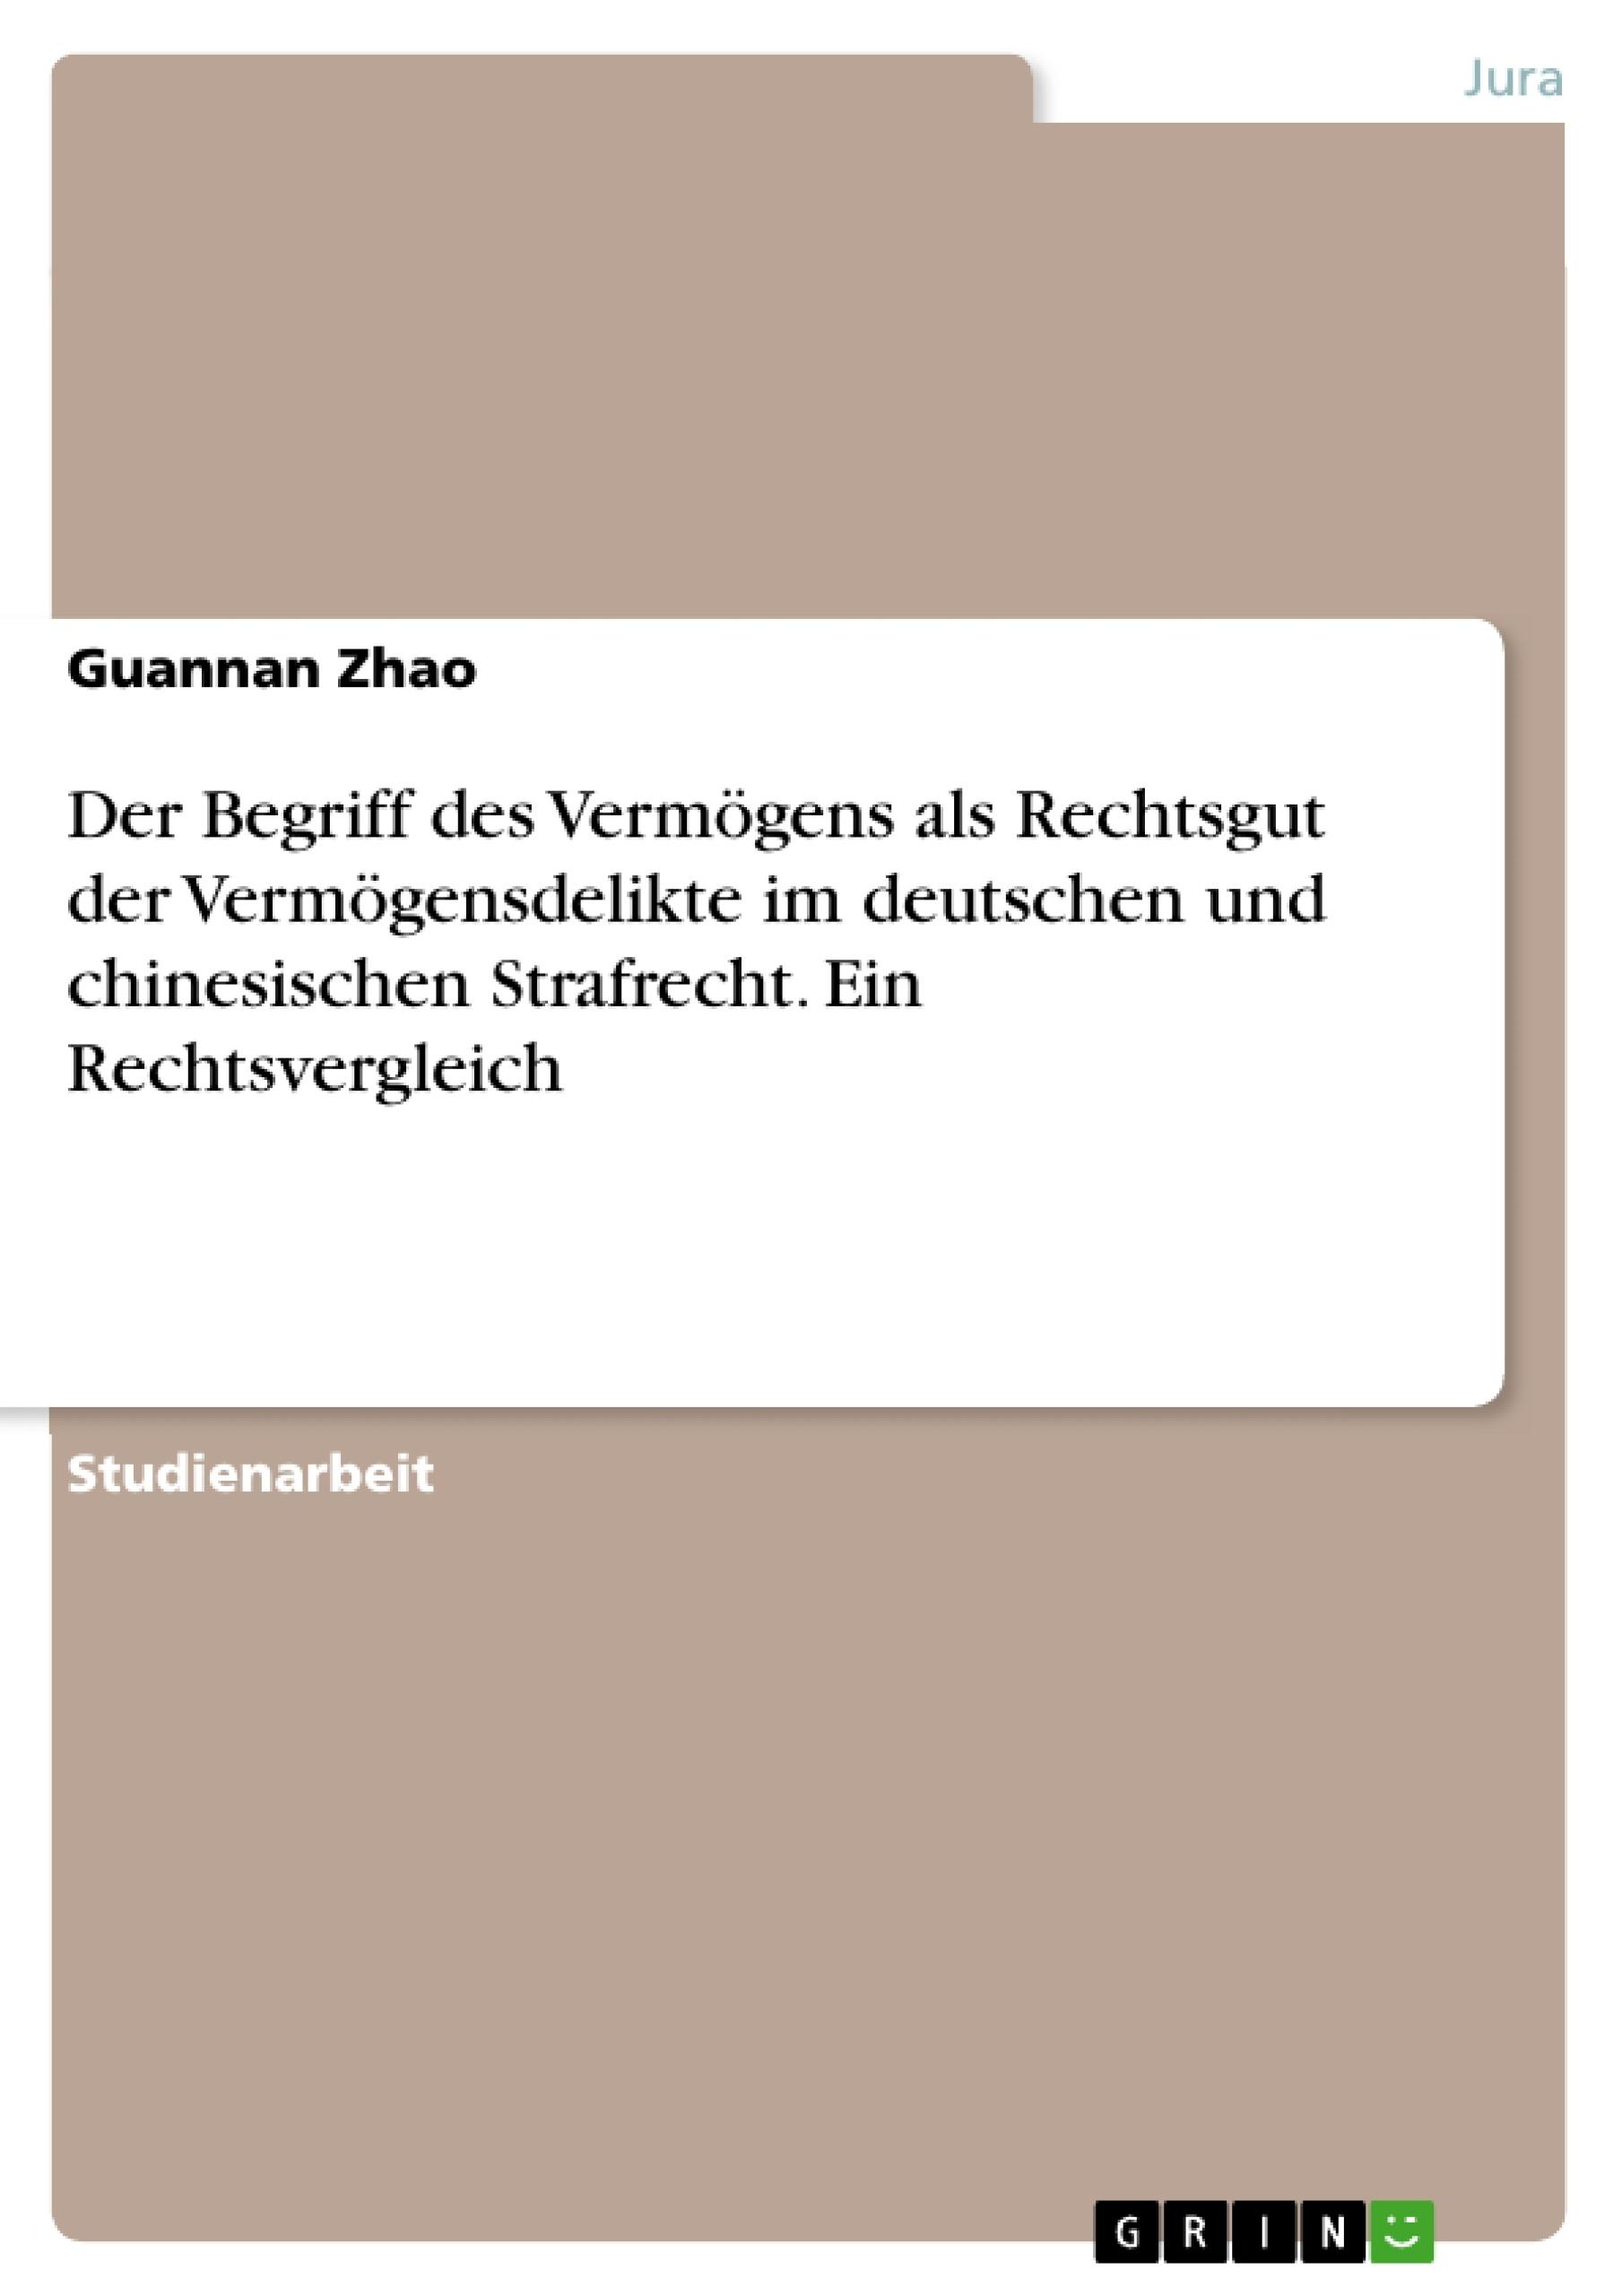 Titel: Der Begriff des Vermögens als Rechtsgut der Vermögensdelikte im deutschen und chinesischen Strafrecht. Ein Rechtsvergleich